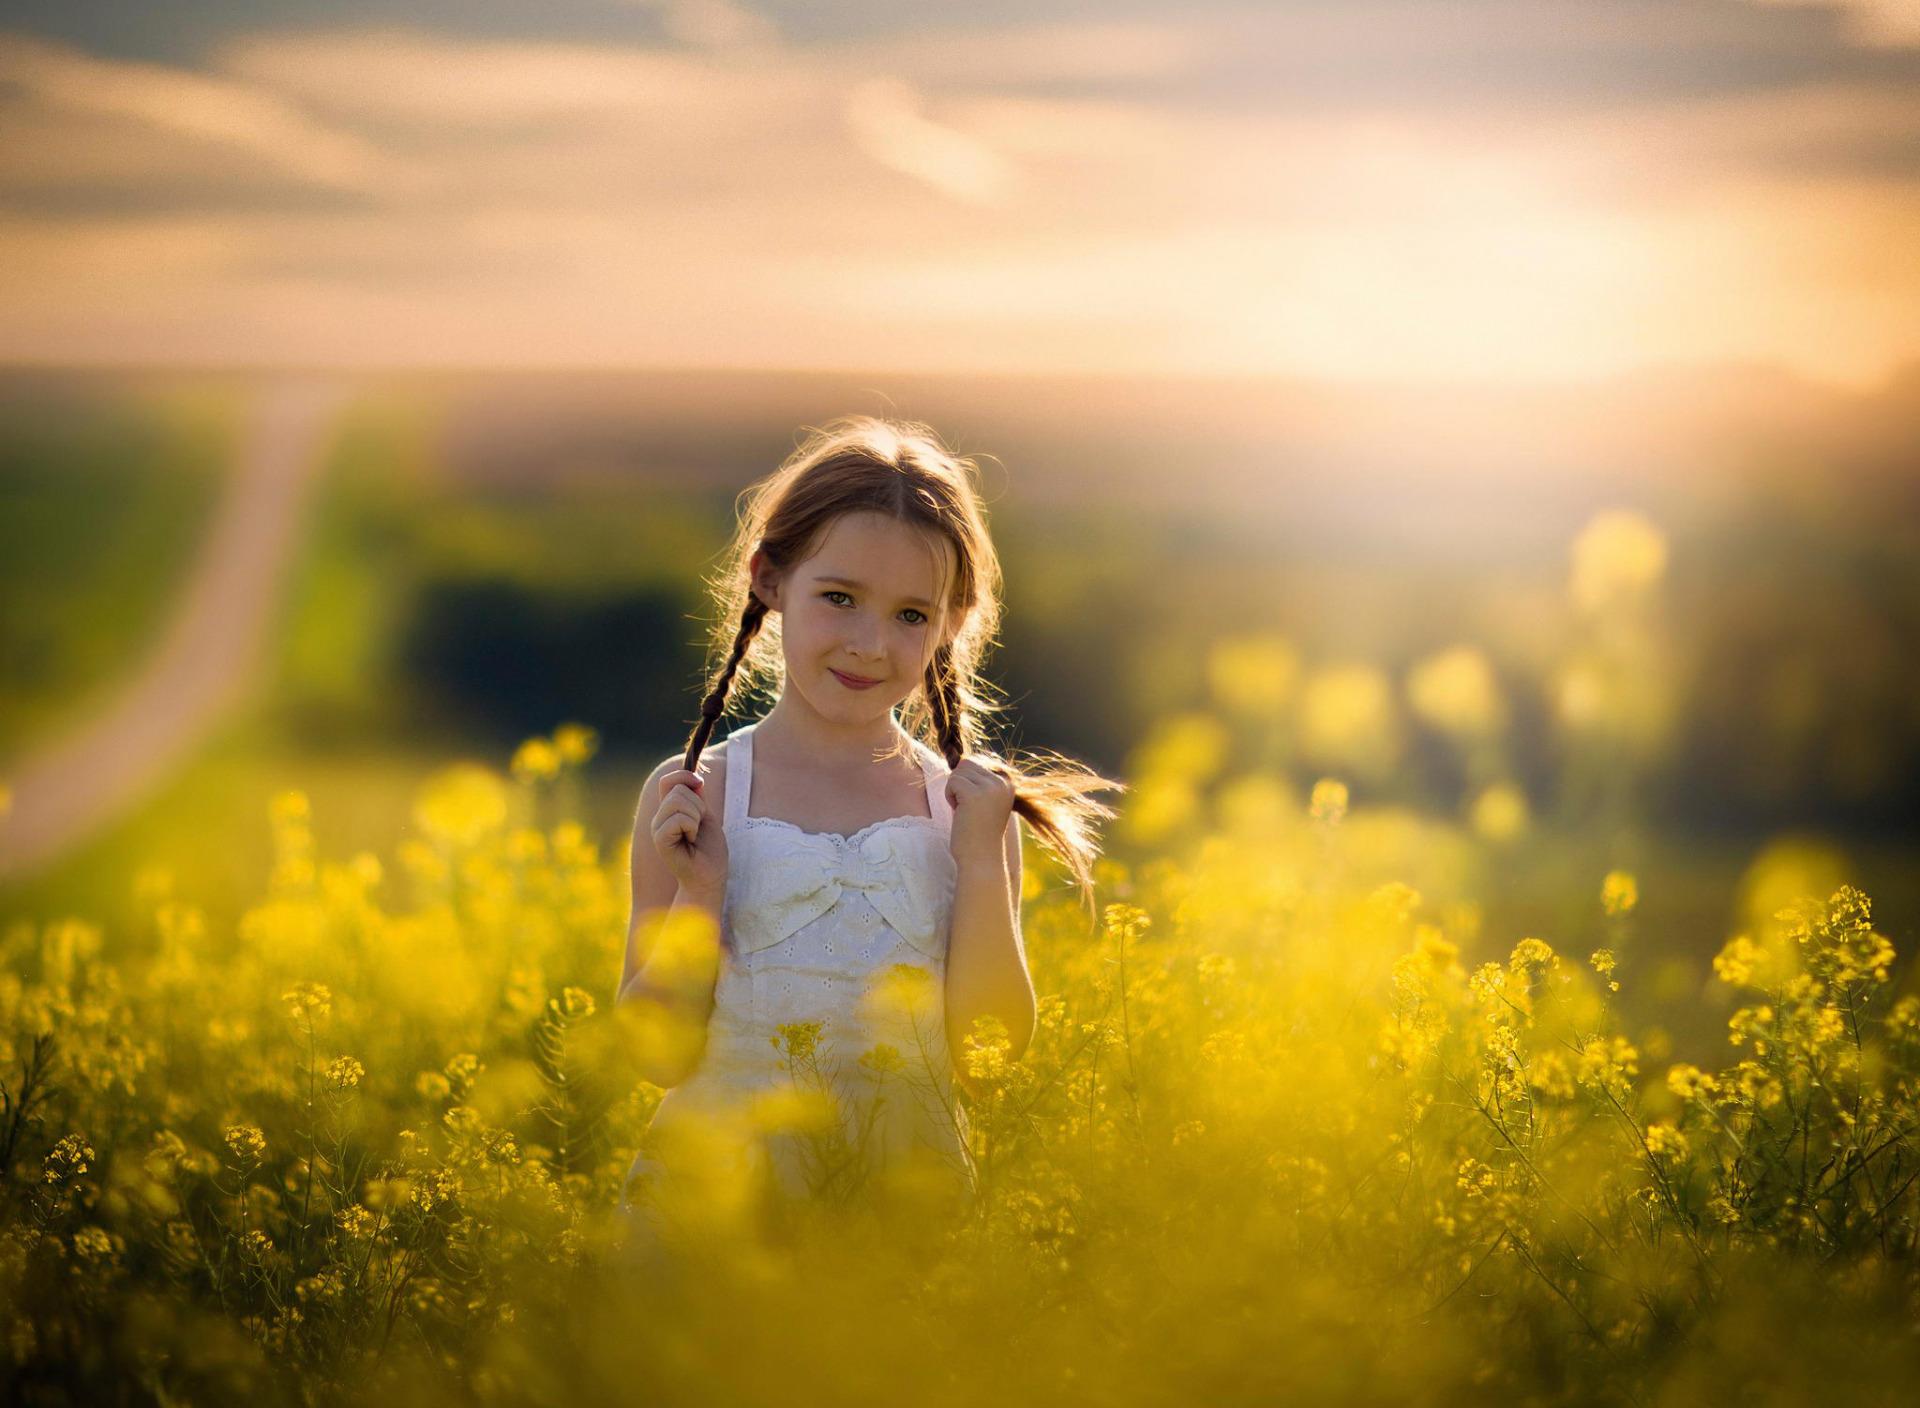 Картинки девочек лето